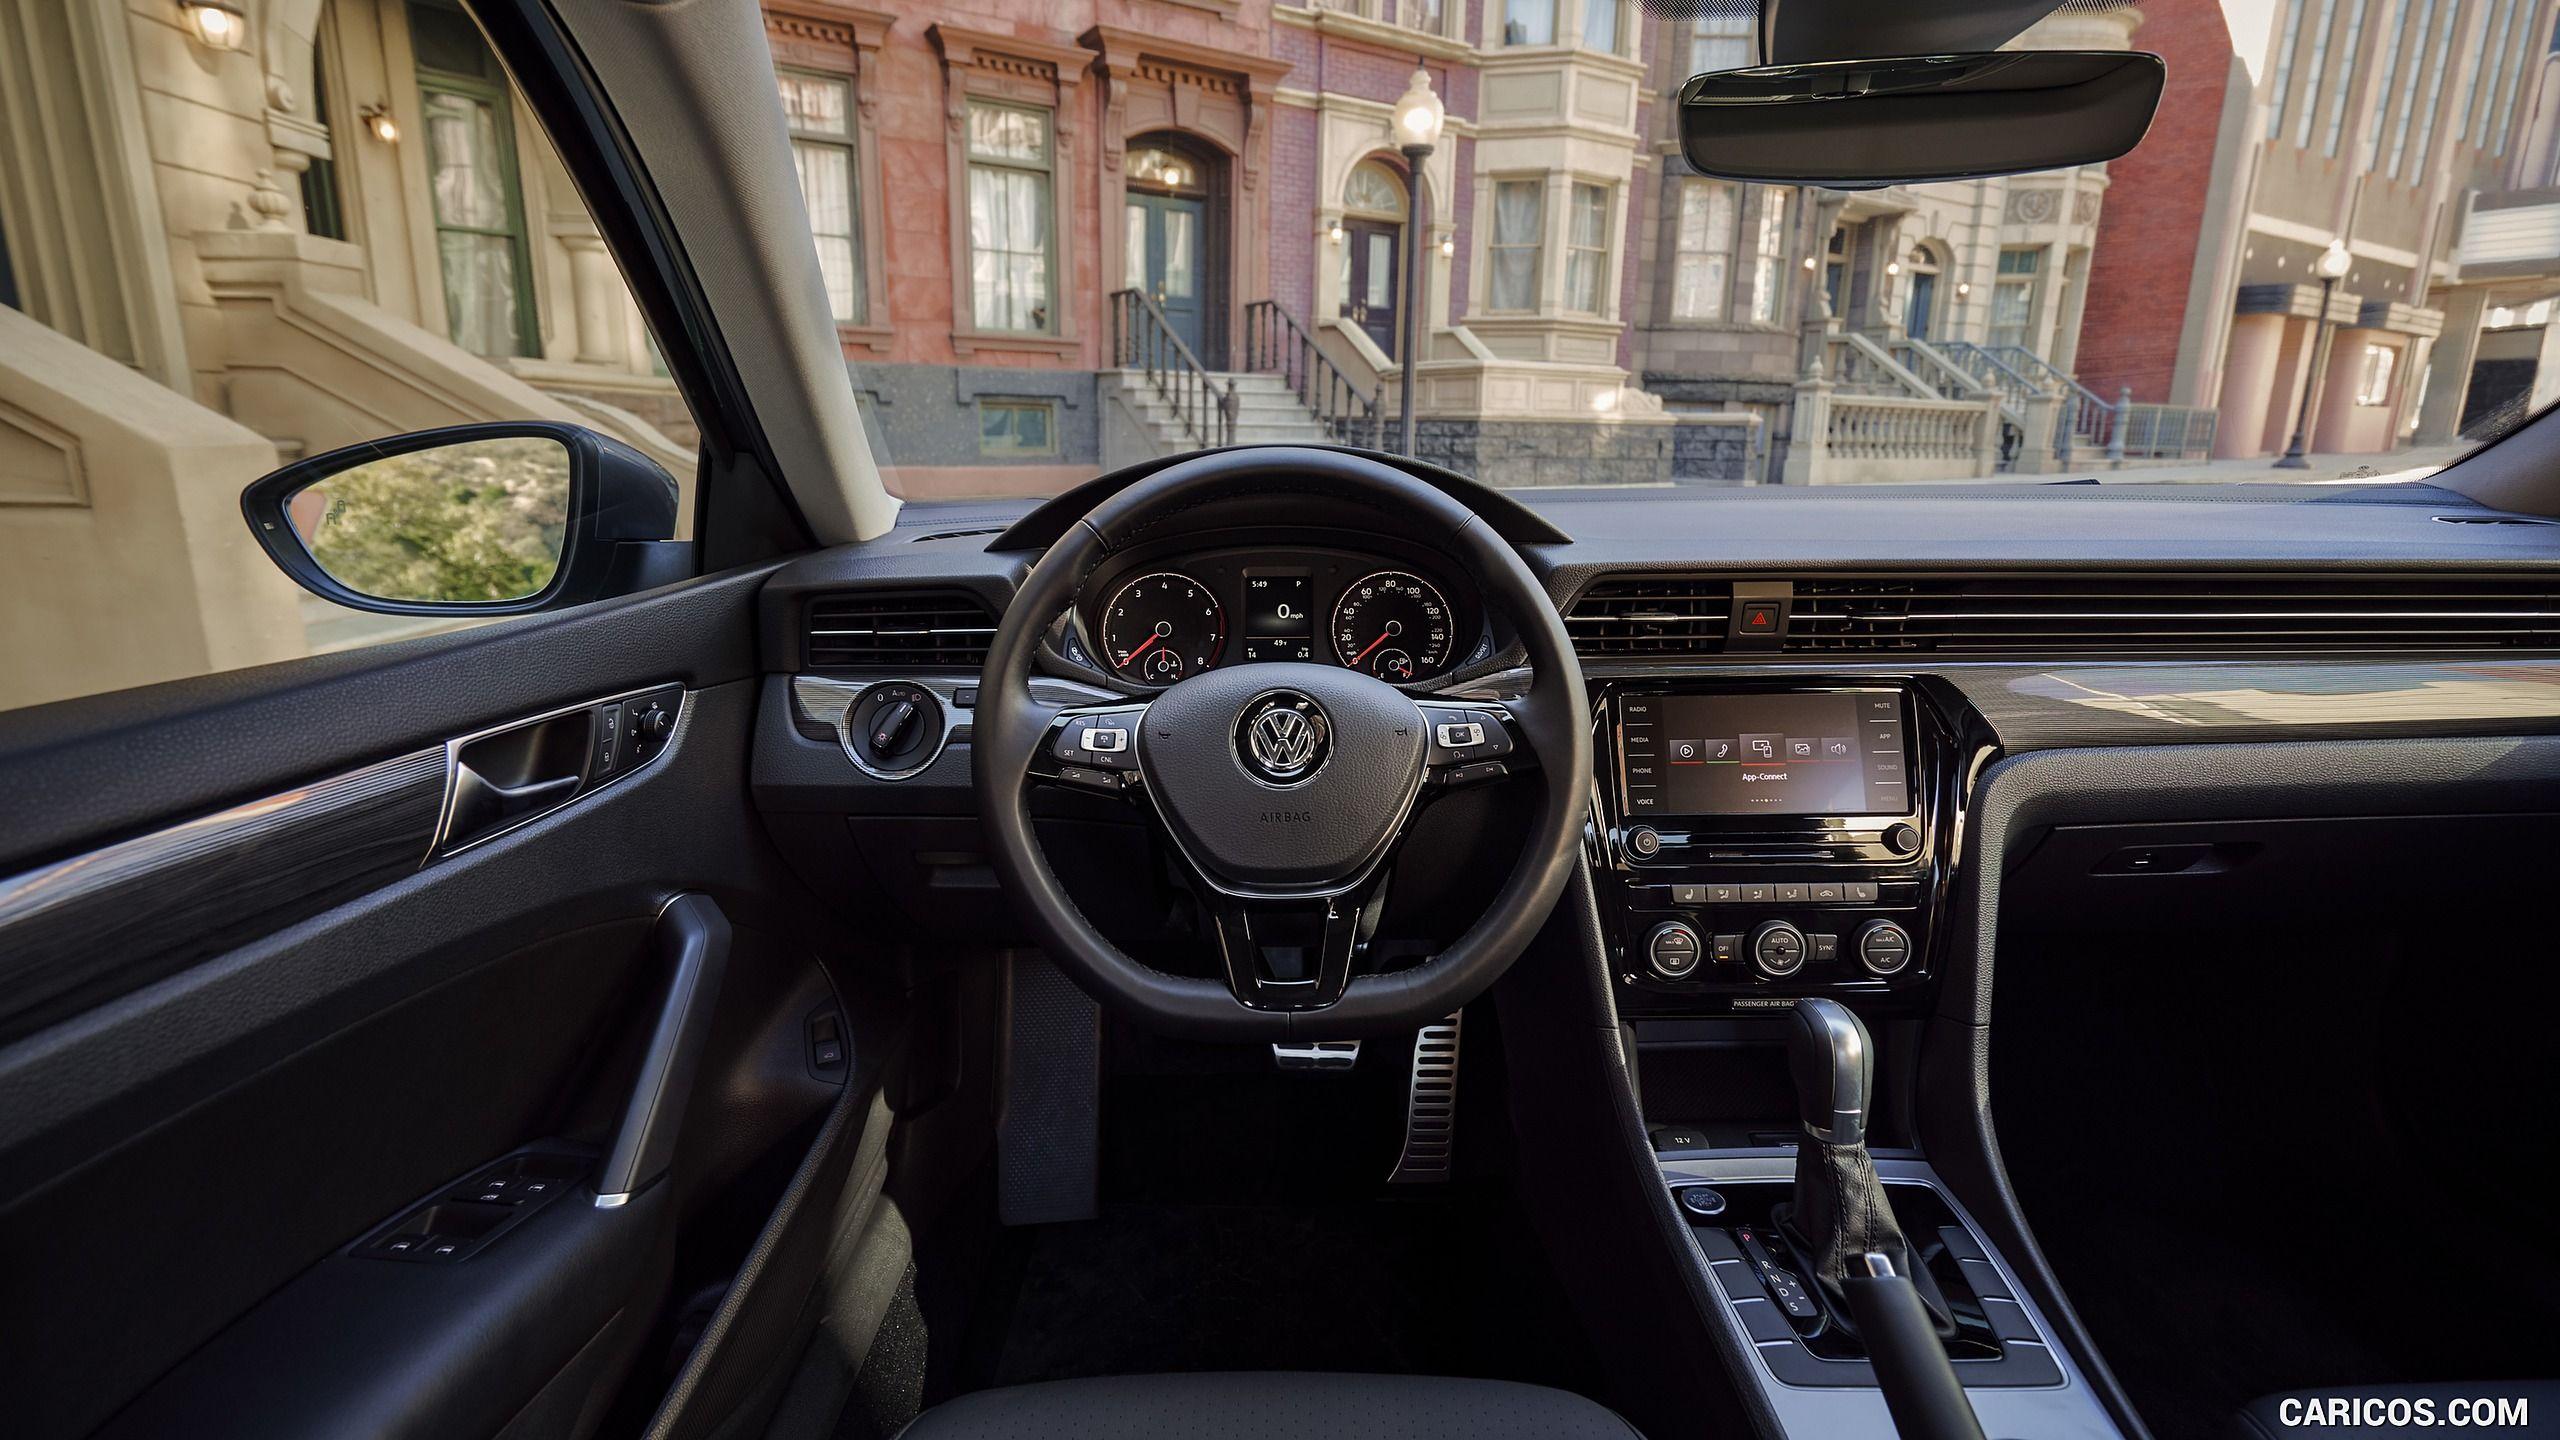 Next Stop Pinterest Volkswagen Jetta Volkswagen Passat Volkswagen